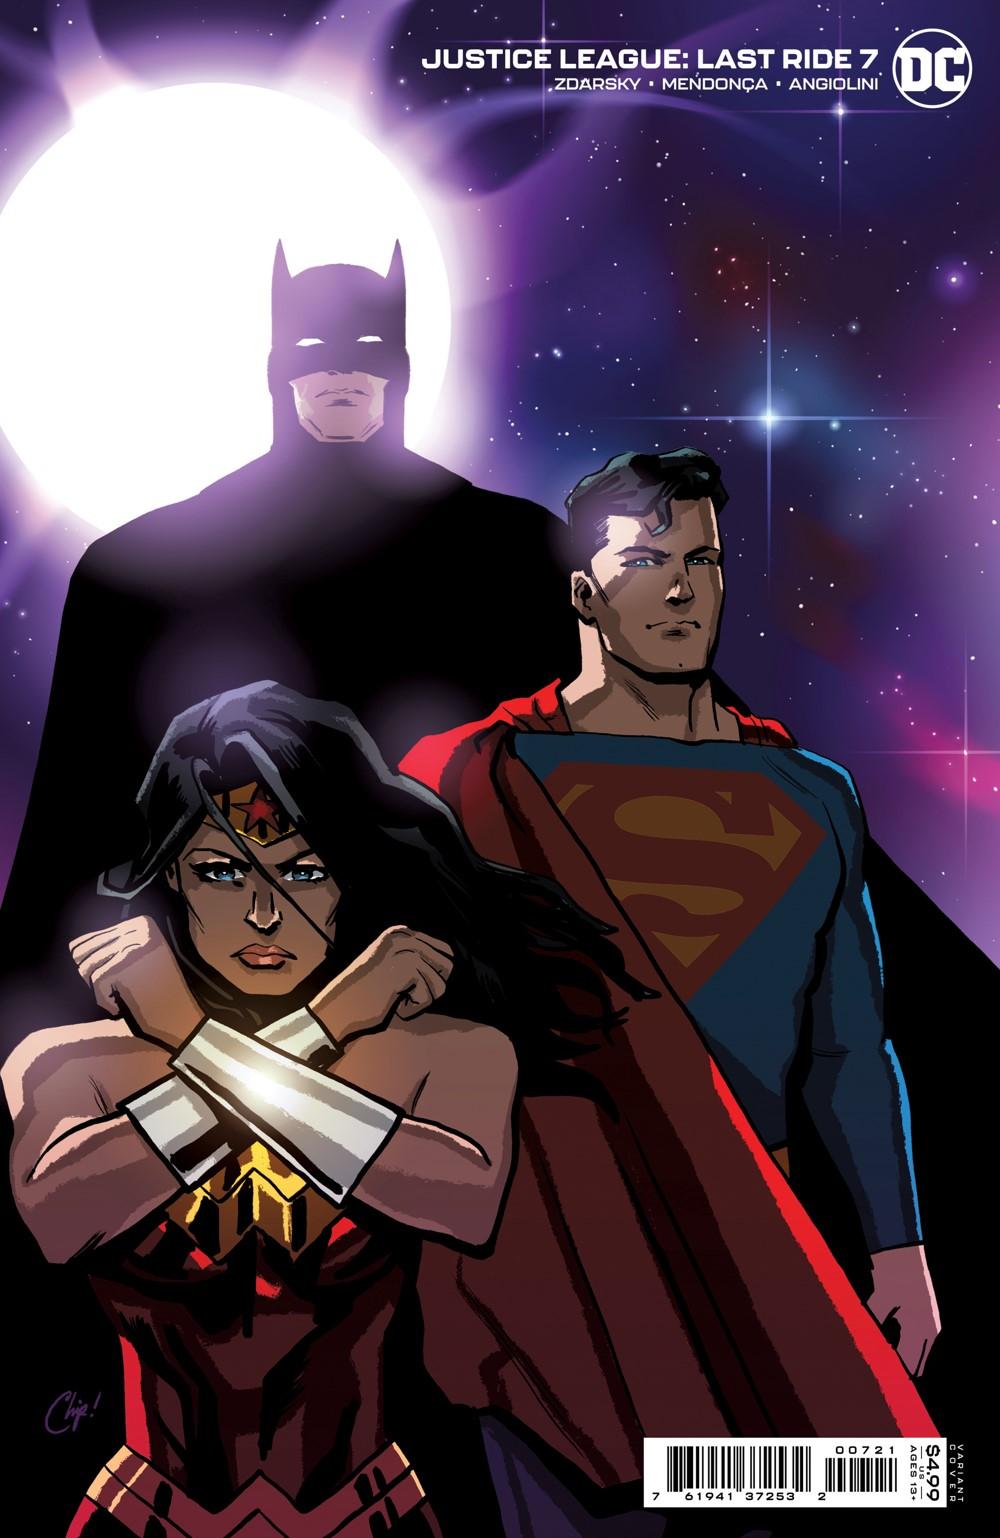 JLLR_Cv7_var_00721 DC Comics November 2021 Solicitations